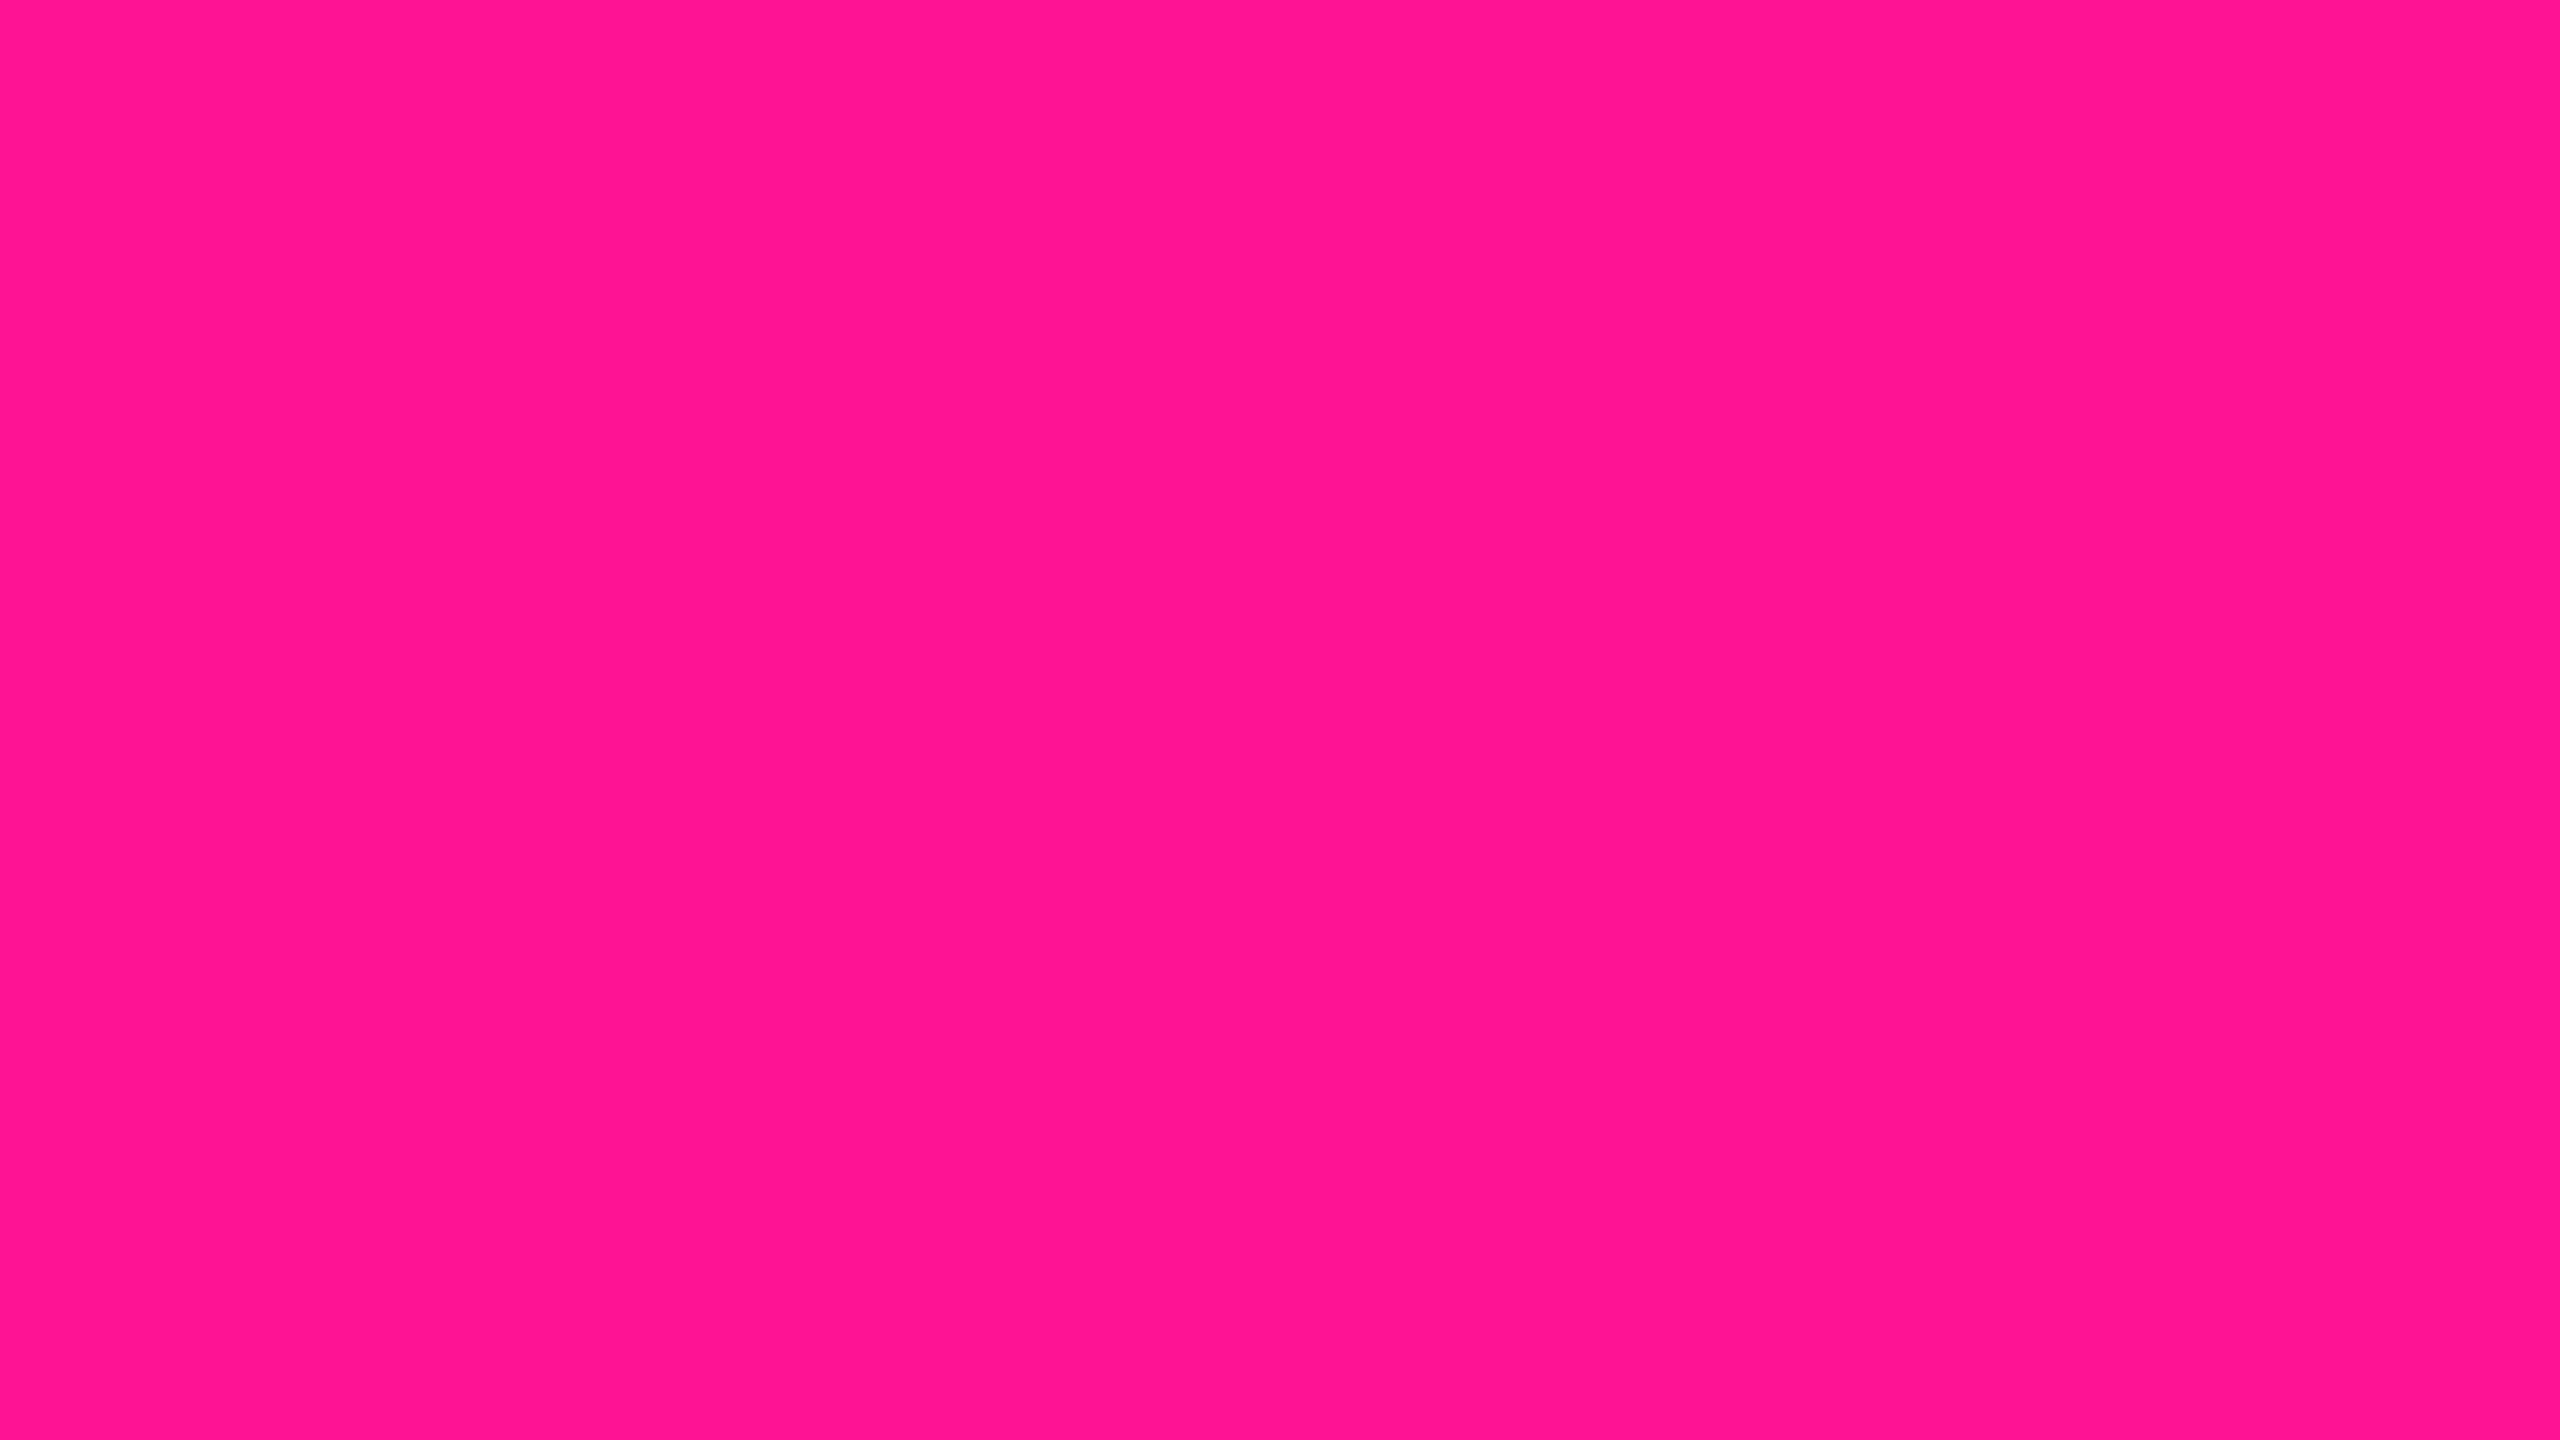 Color Pink Wallpaper Wallpapersafari